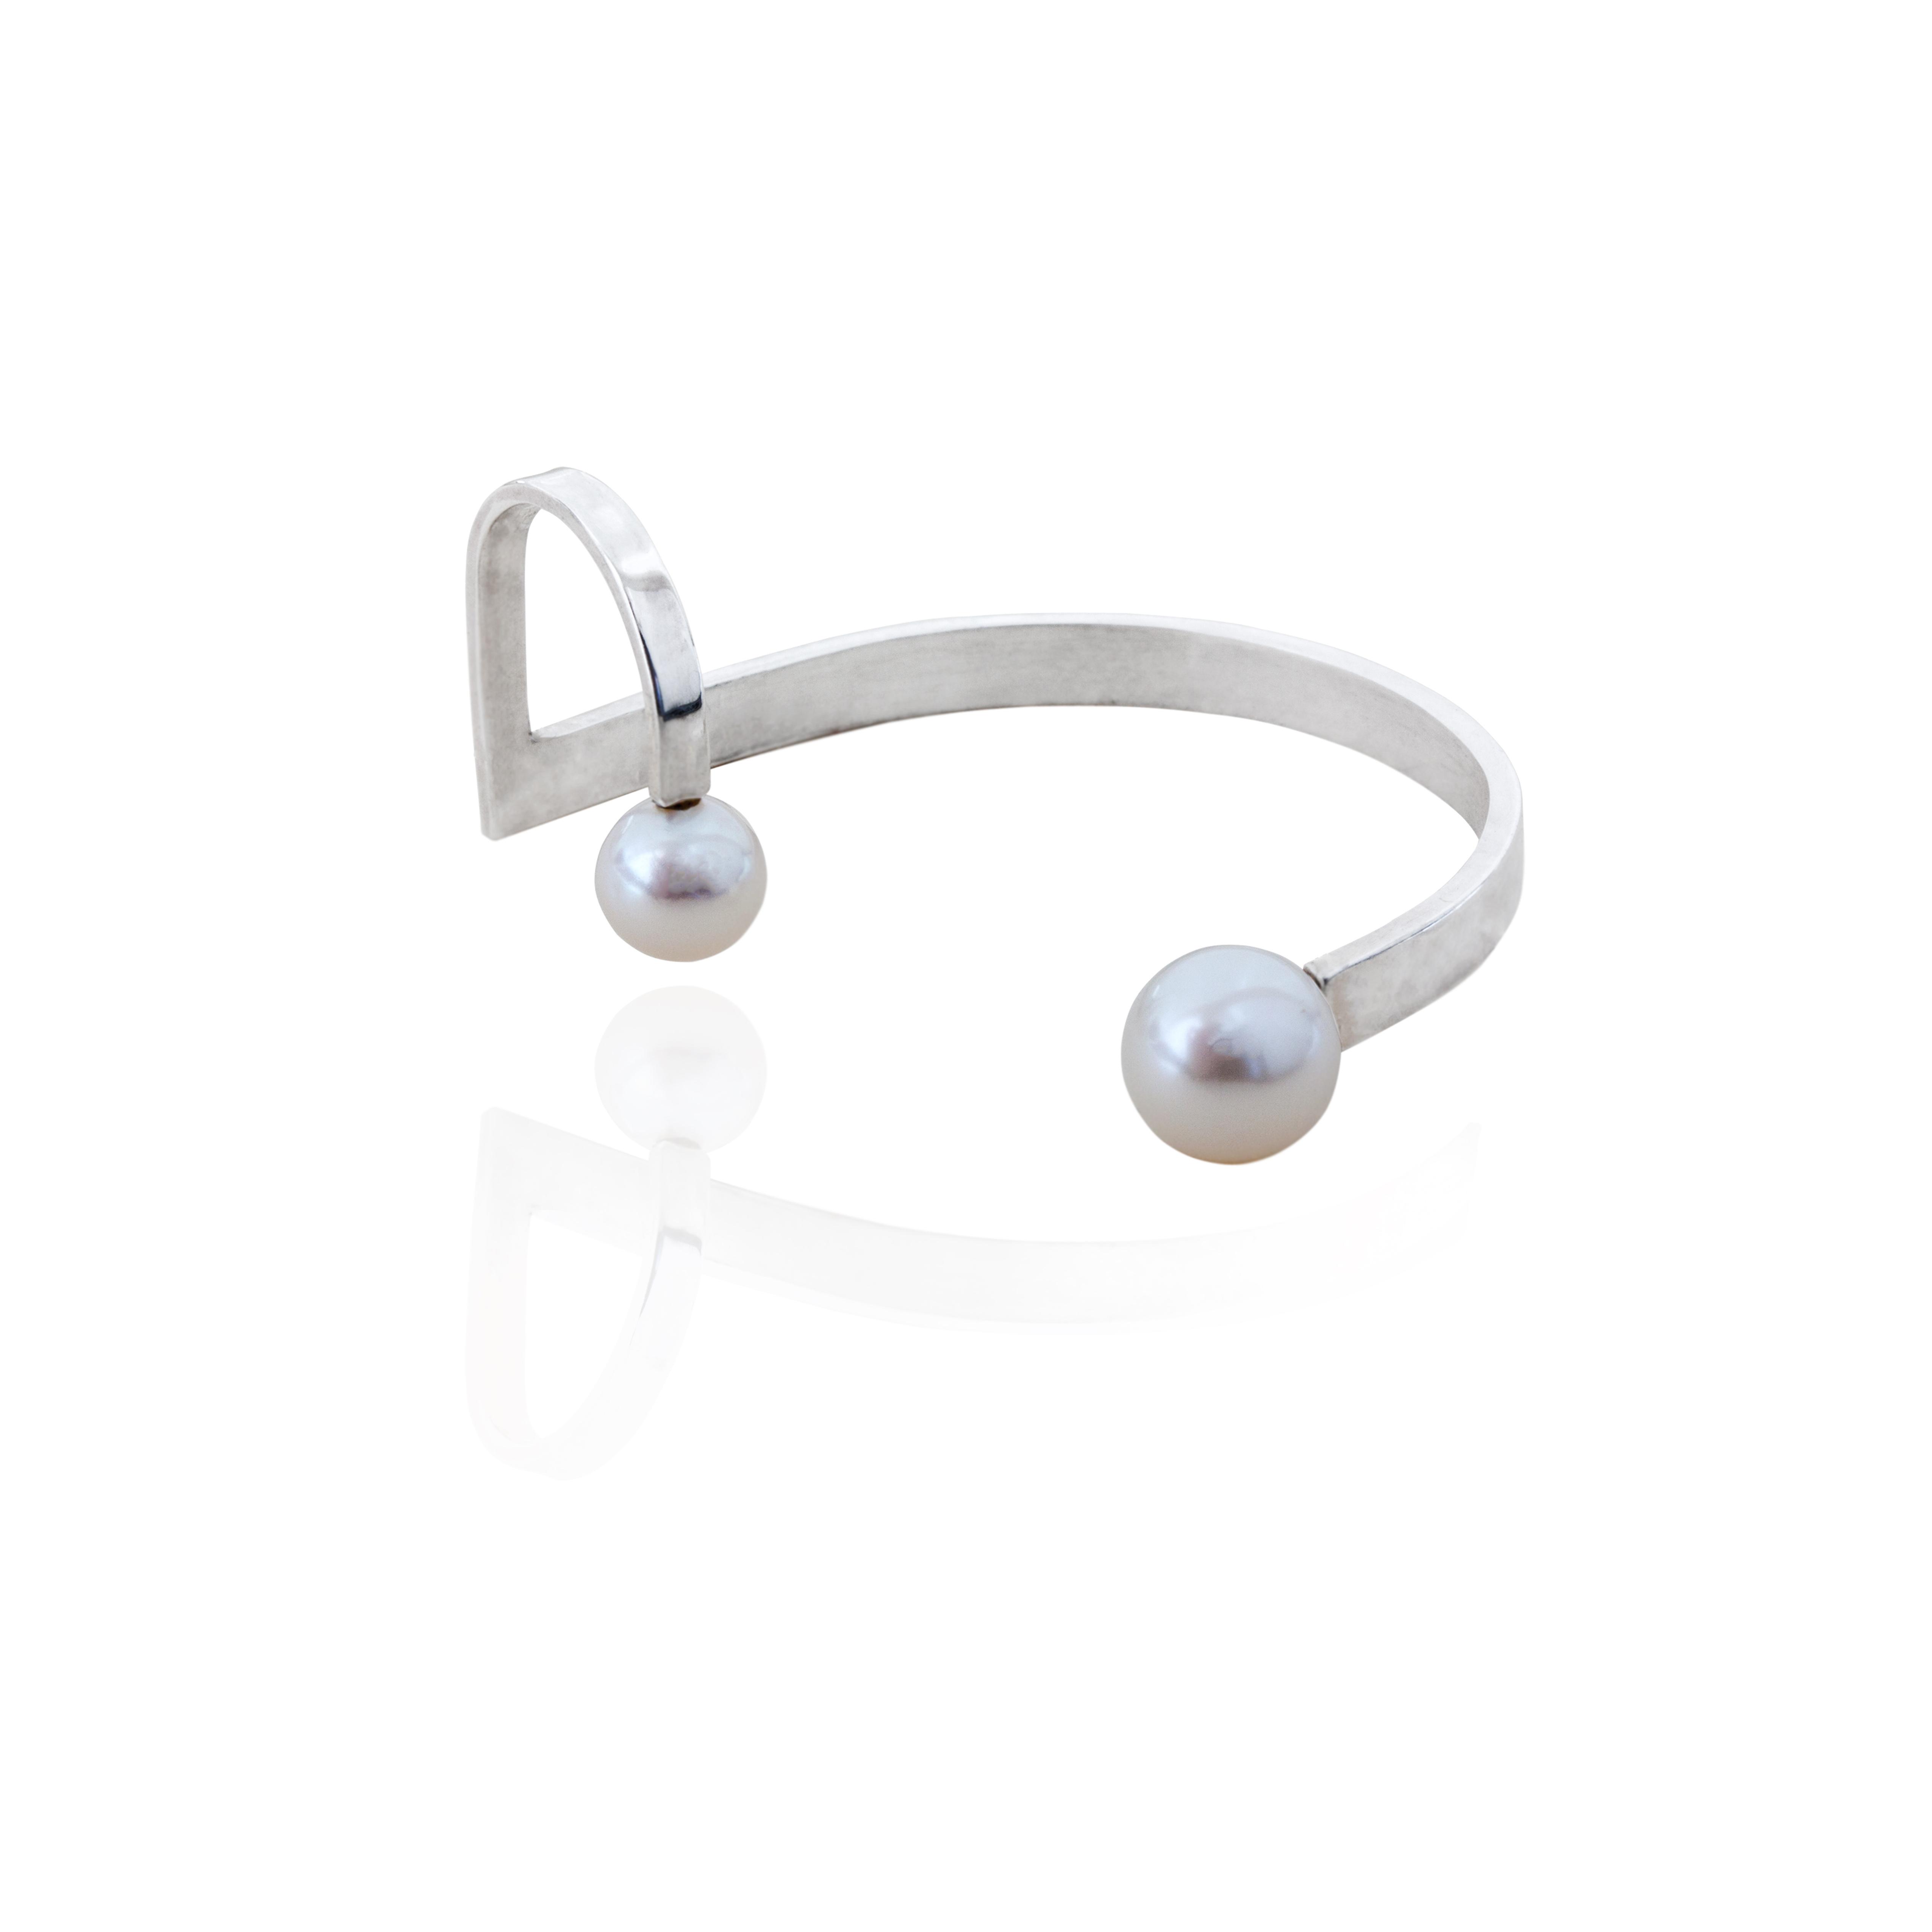 Ear Clip |  The HSU Collection